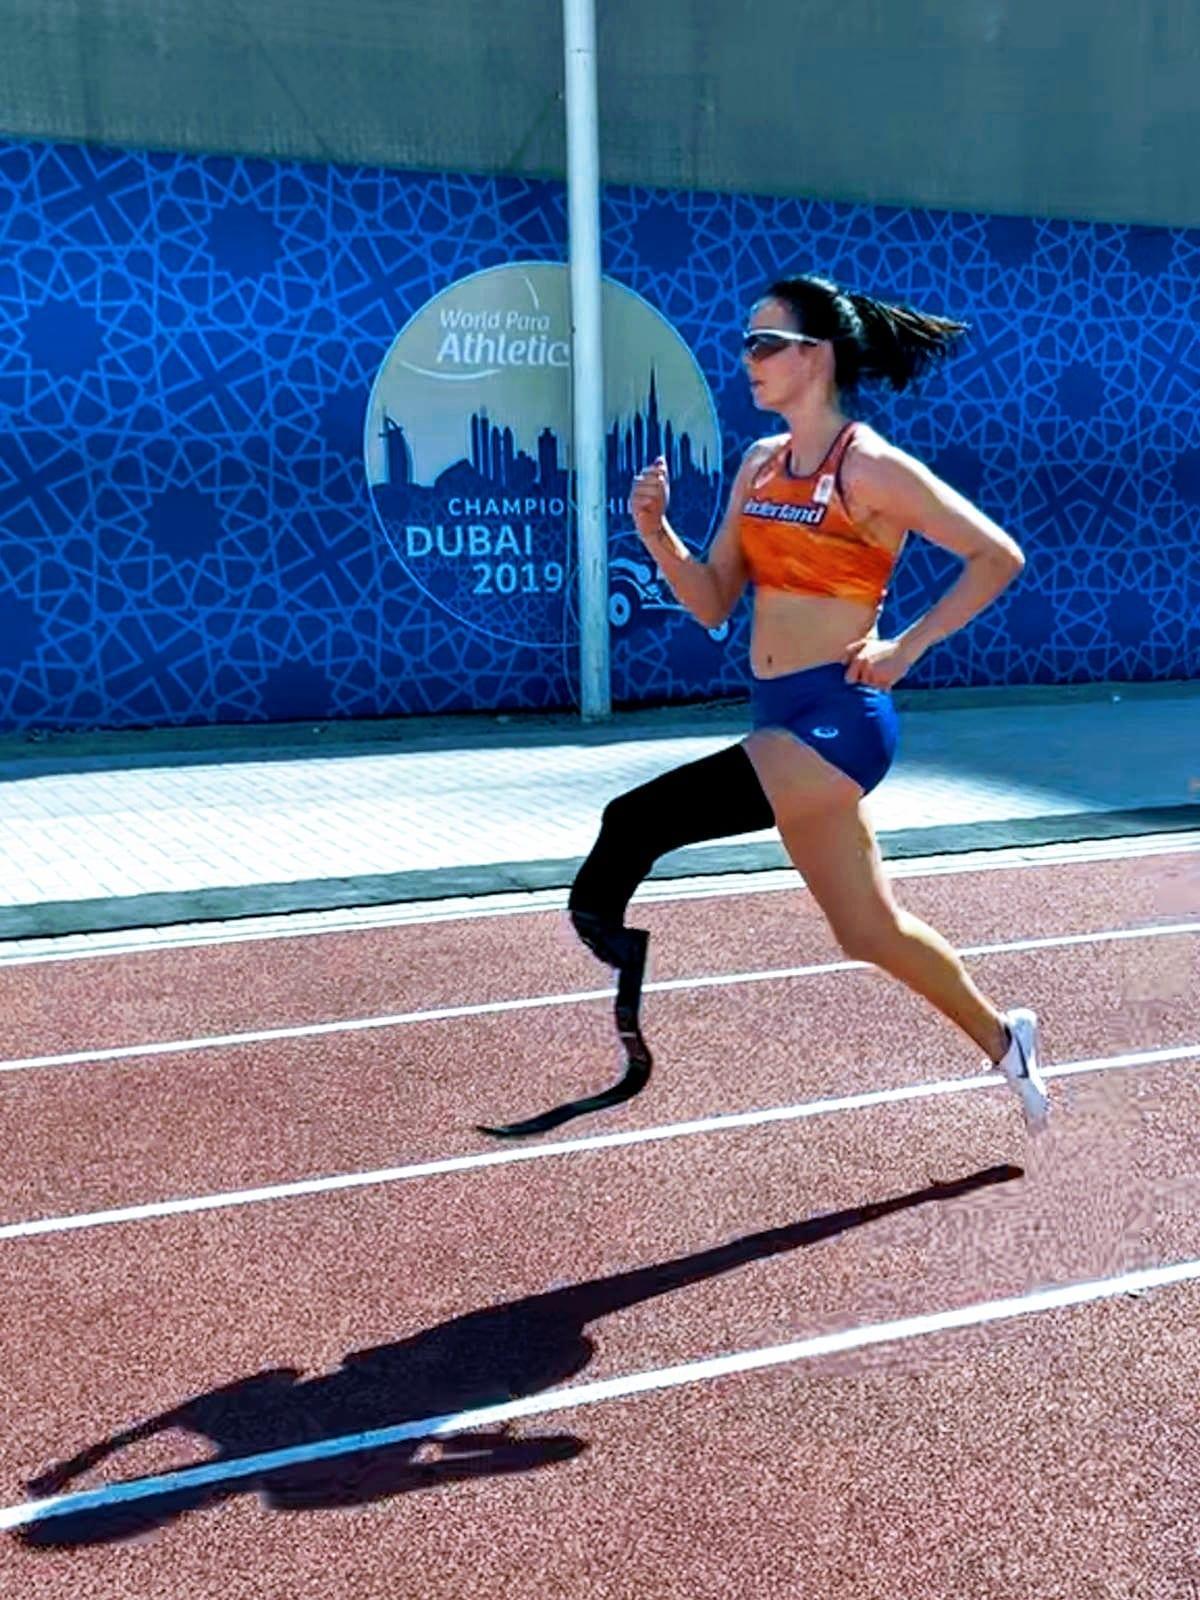 Kimberly Alkemade WK Para-Atletiek Dubai 2019